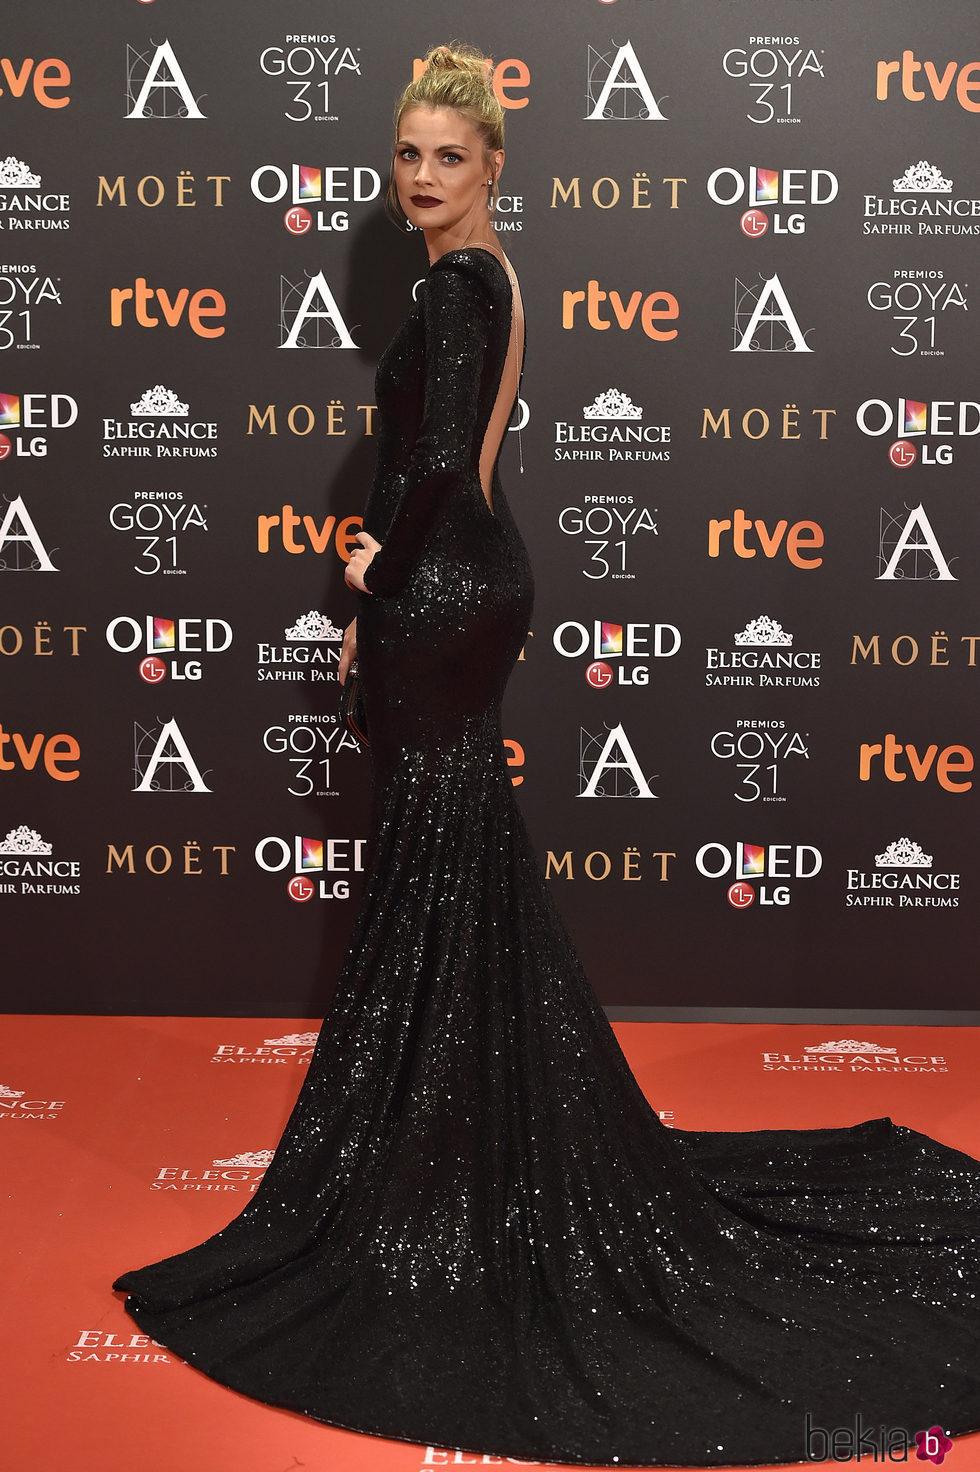 Amaia Salamanca en la alfombra roja de los Premios Goya 2017